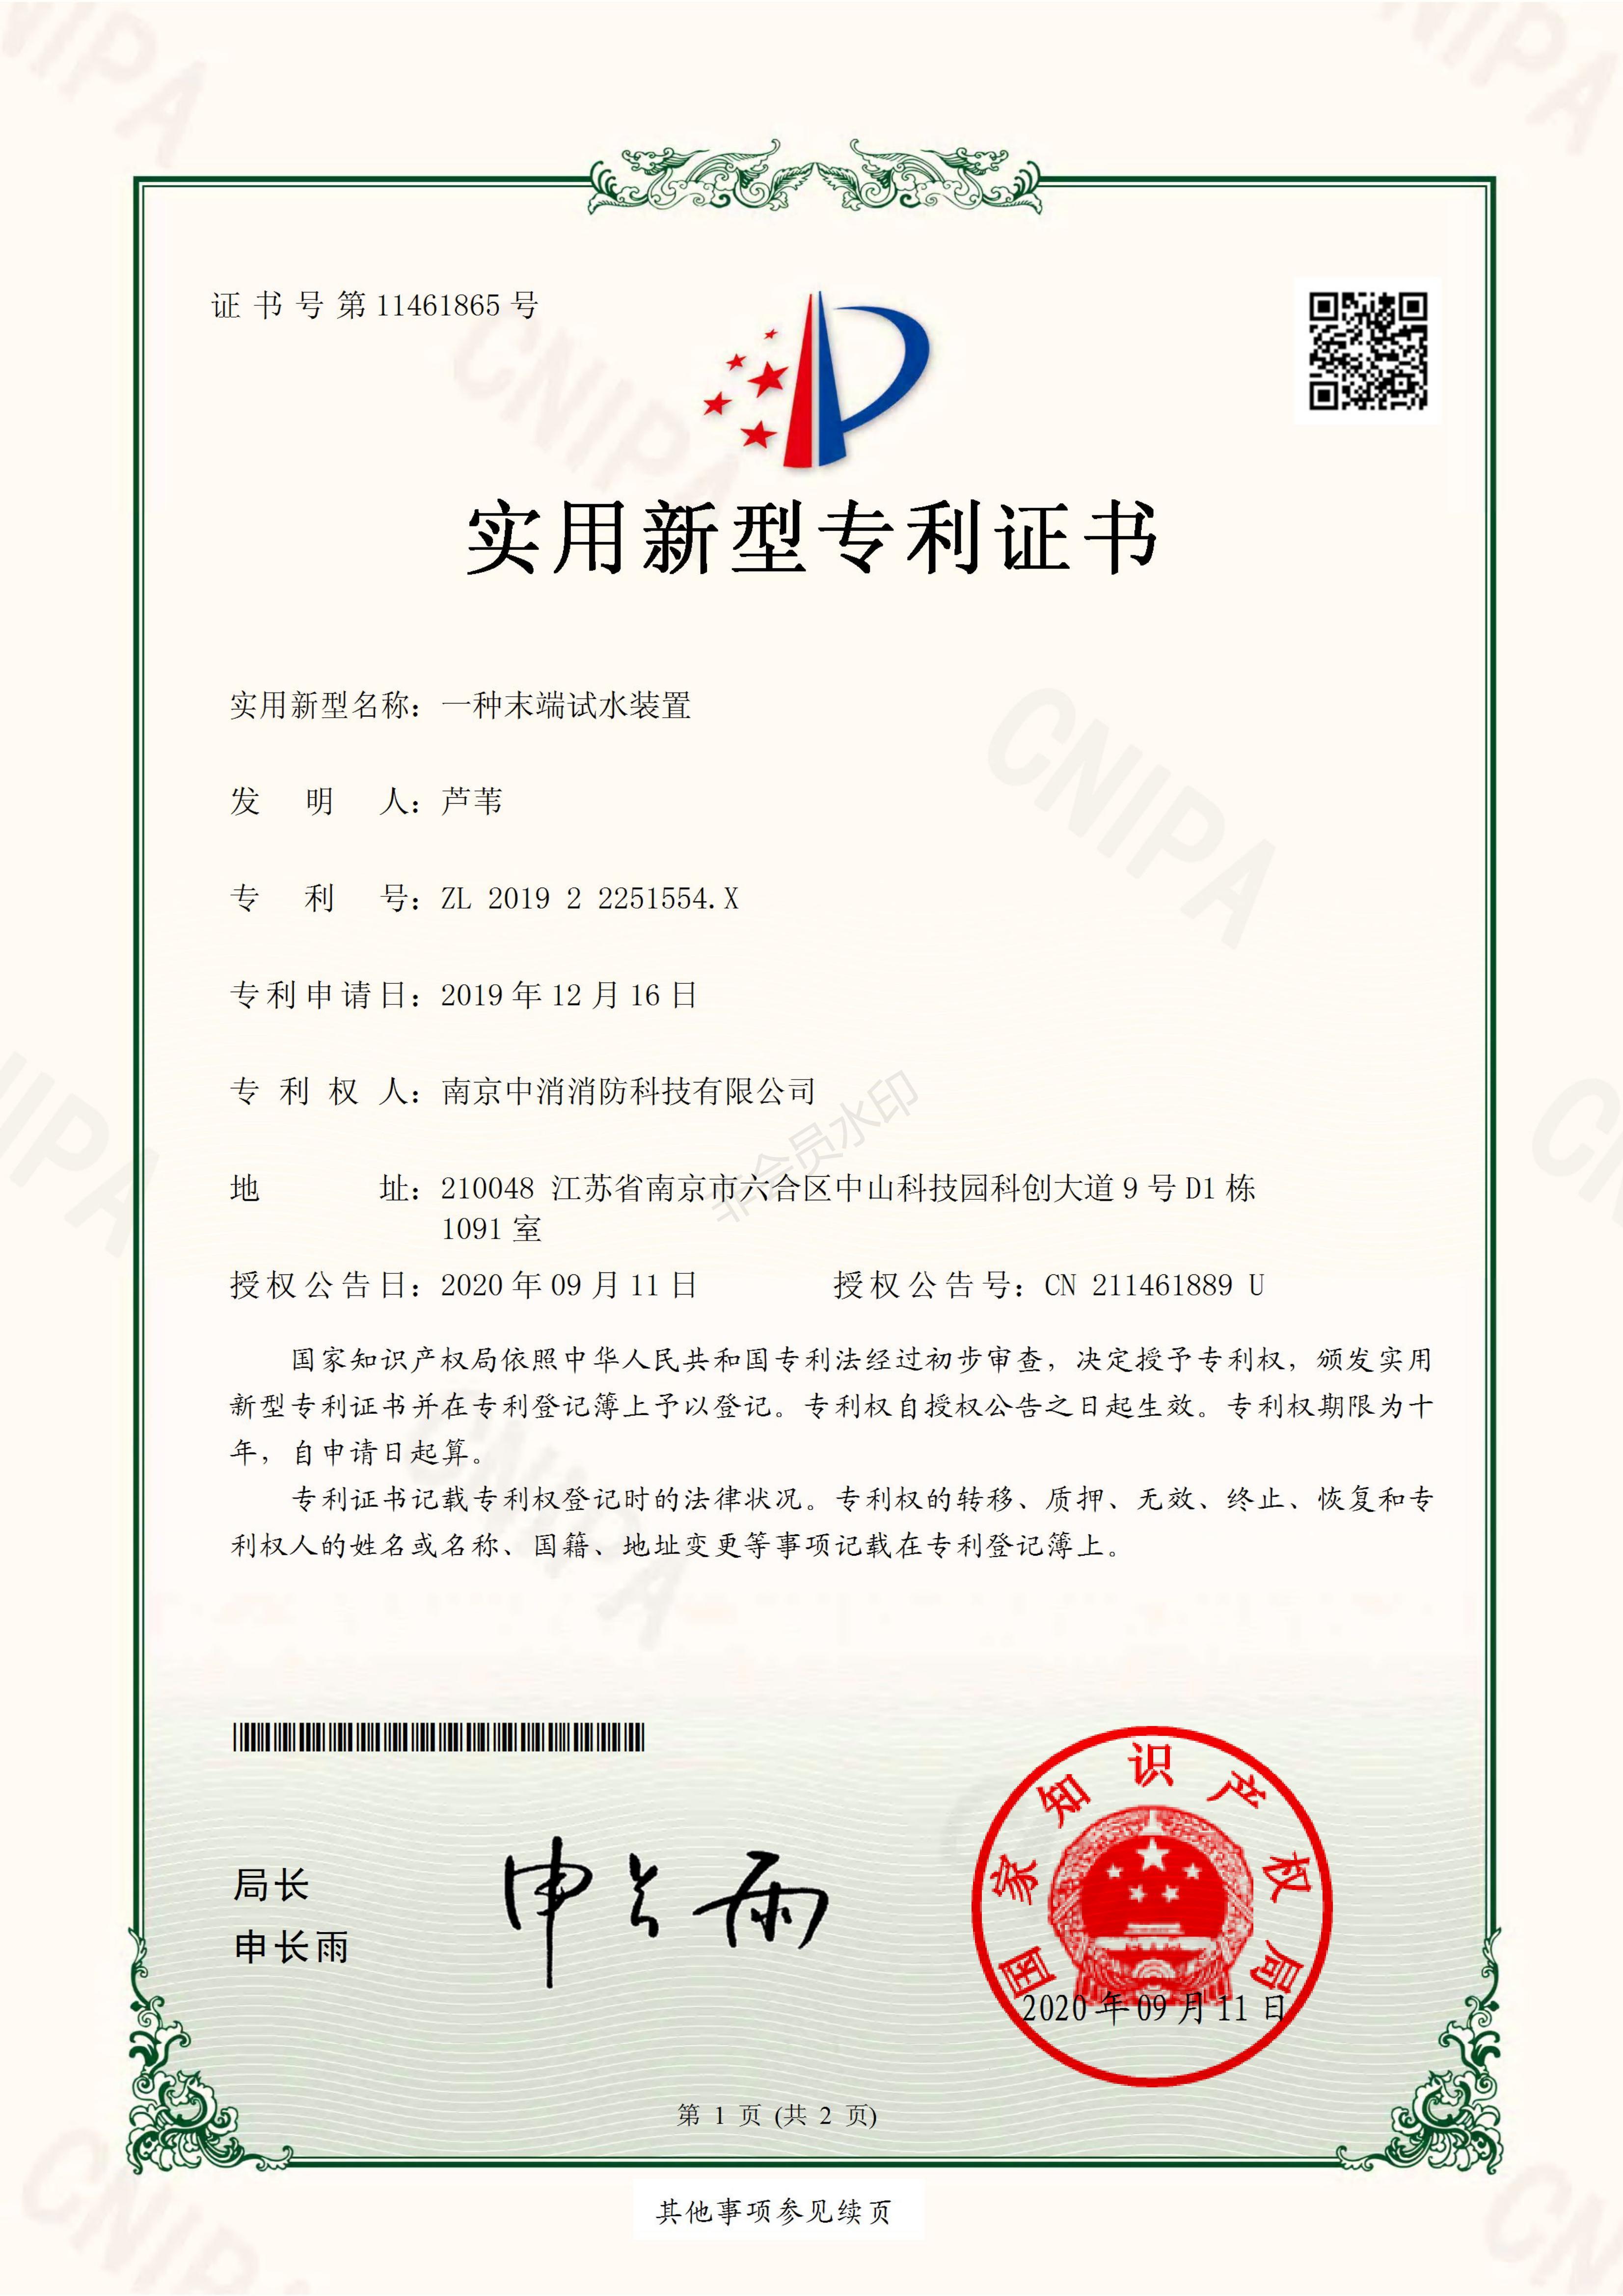 南京中消消防科技有限公司实用新型专利一